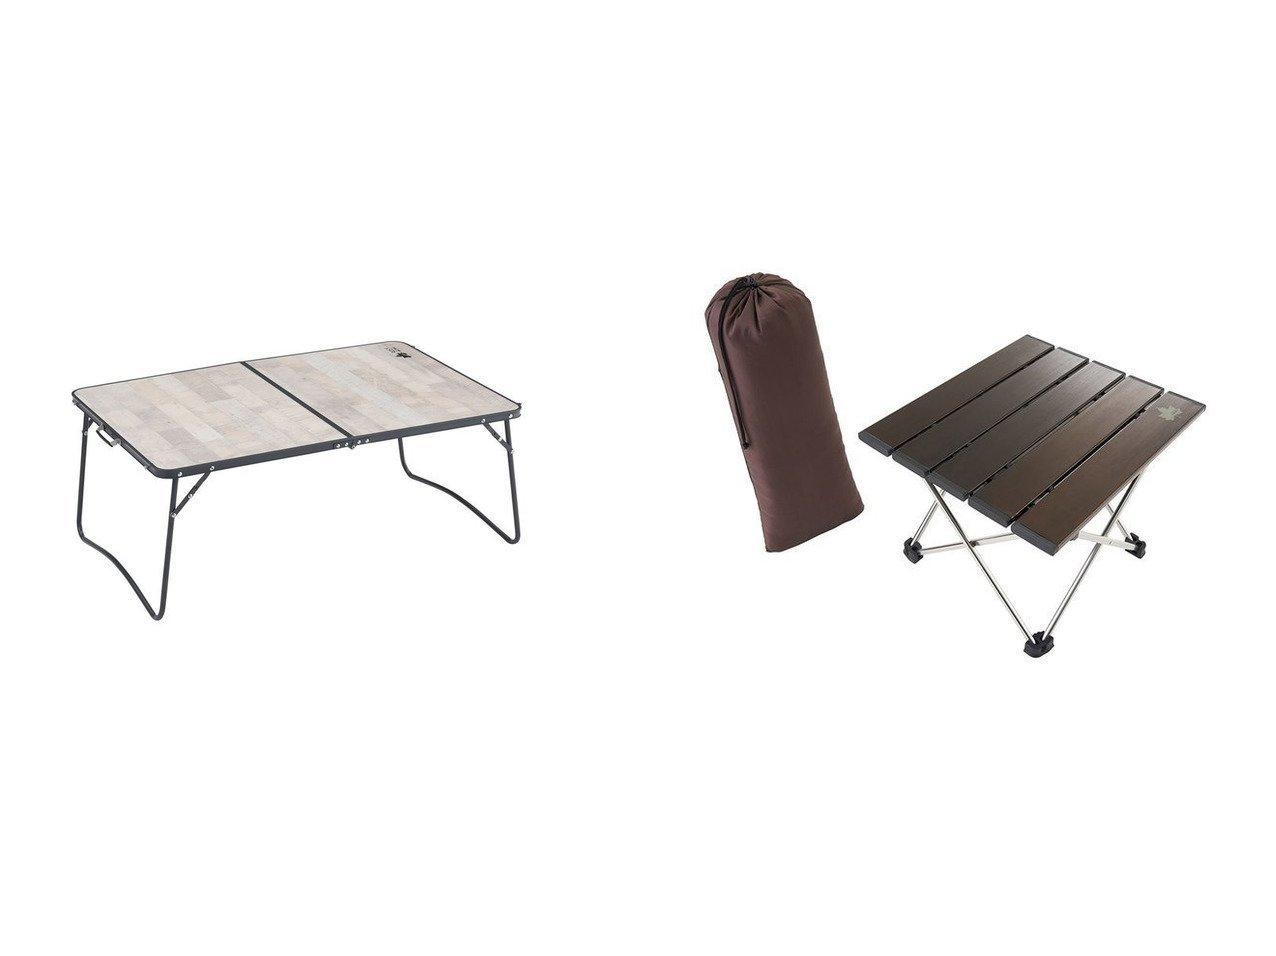 【LOGOS/ロゴス】の2021年新商品 ROSY カートローテーブル&2021年新商品 ポータブル・アルミトップテーブル 【アウトドアテーブル】おすすめ!人気キャンプ・アウトドア用品の通販 おすすめで人気の流行・トレンド、ファッションの通販商品 インテリア・家具・メンズファッション・キッズファッション・レディースファッション・服の通販 founy(ファニー) https://founy.com/ アウトドア コンパクト スタンド テーブル フレーム ボックス プリント 軽量 ホーム・キャンプ・アウトドア Home,Garden,Outdoor,Camping Gear キャンプ用品・アウトドア  Camping Gear & Outdoor Supplies チェア テーブル Camp Chairs, Camping Tables |ID:crp329100000050863